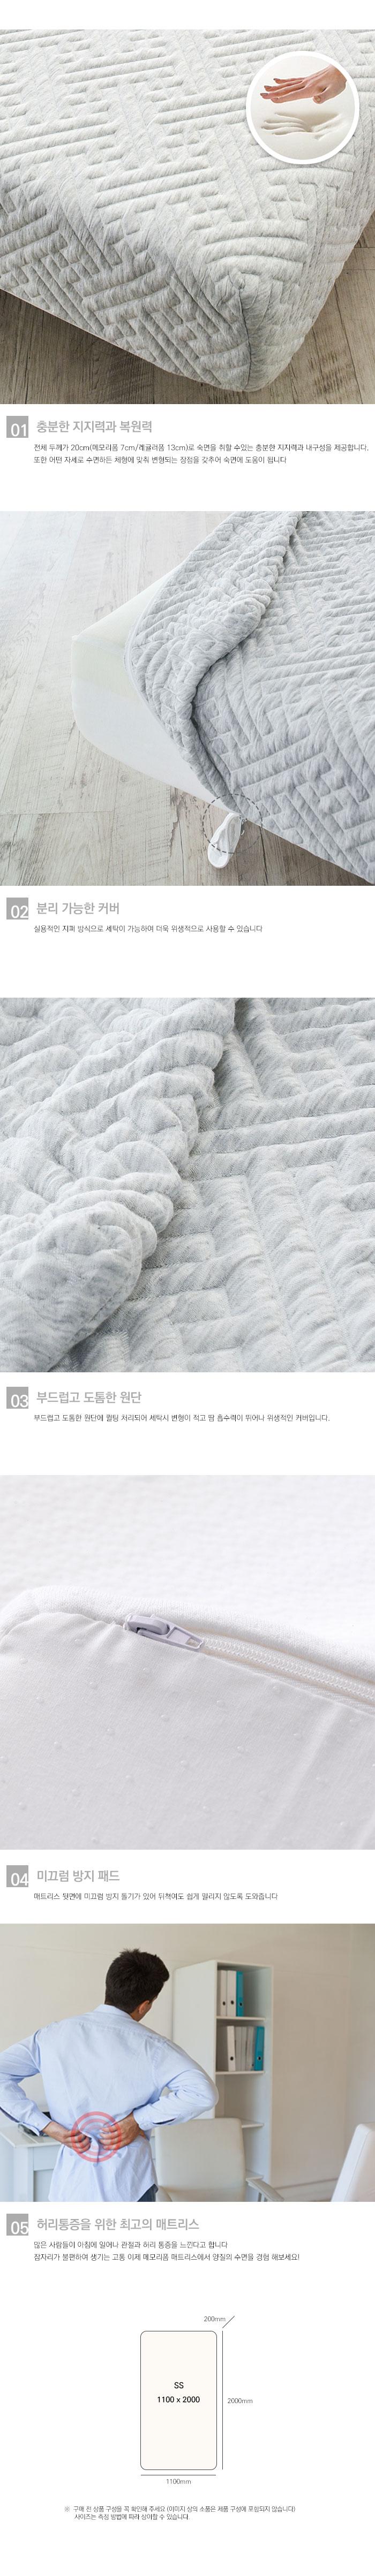 Cloud-7-1100_180511_2.jpg